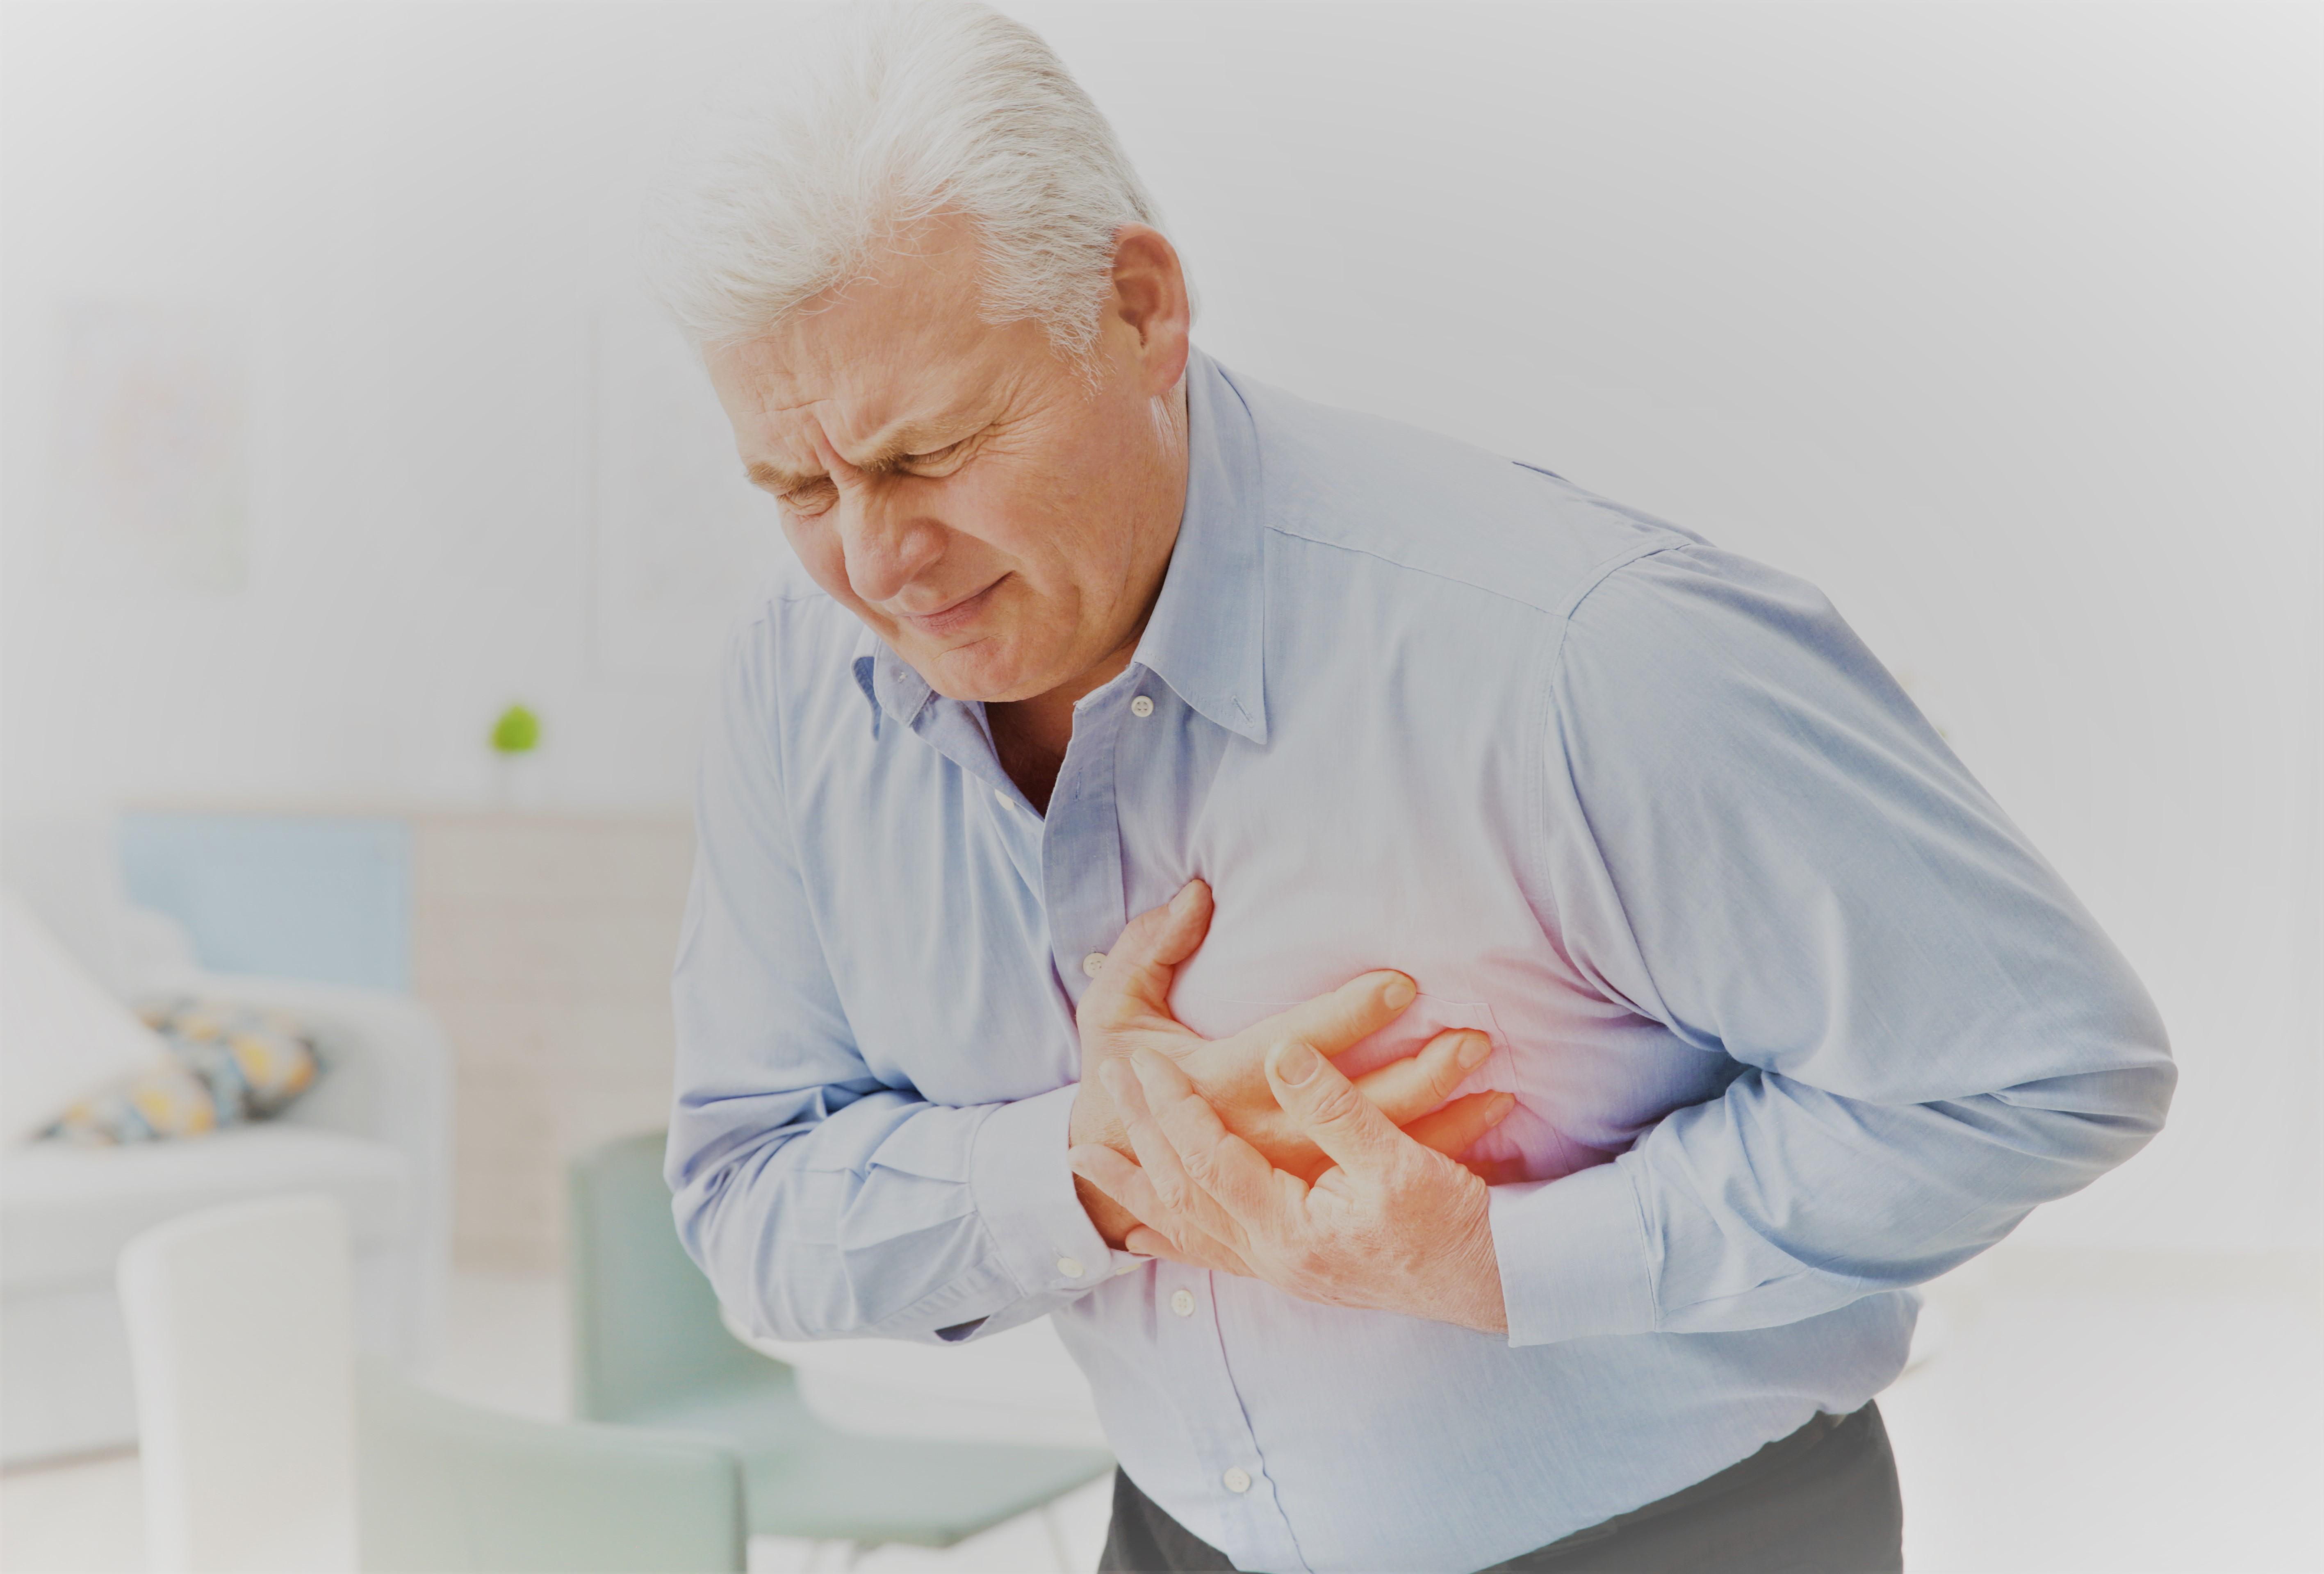 A köhögés tüdőgyulladást is jelezhet